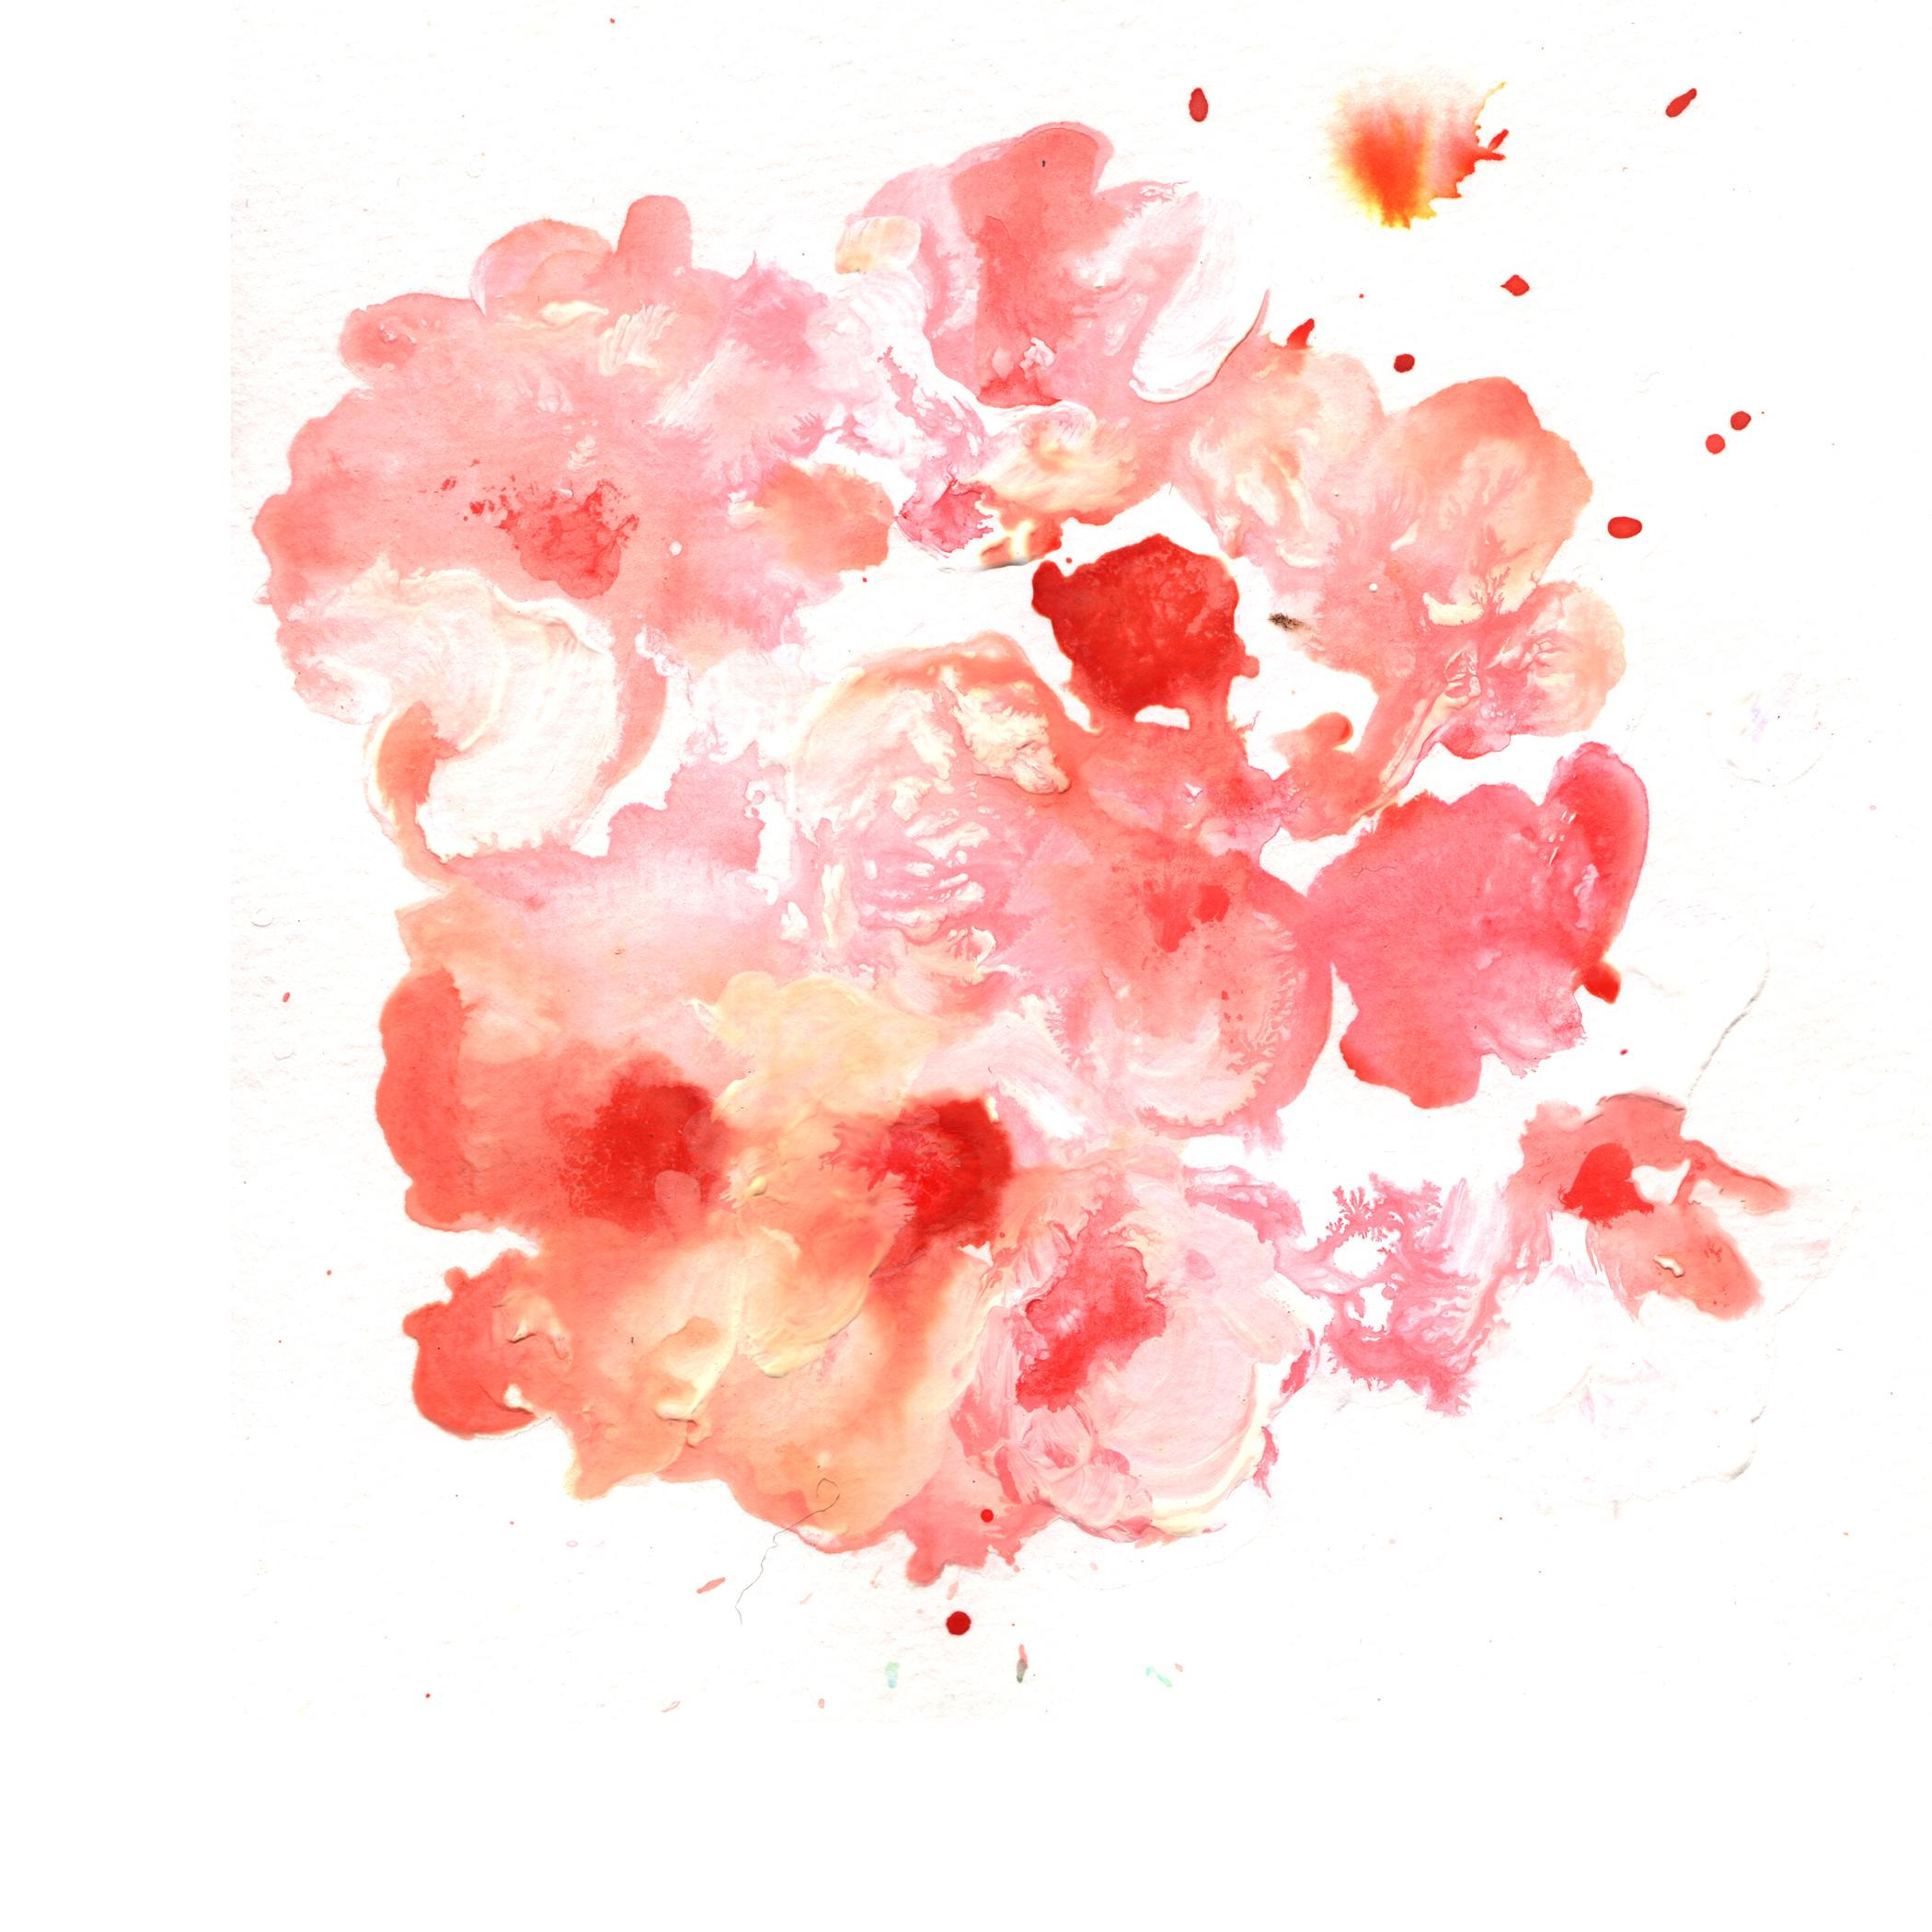 30.Wild.Roses.3.10.14.jpg